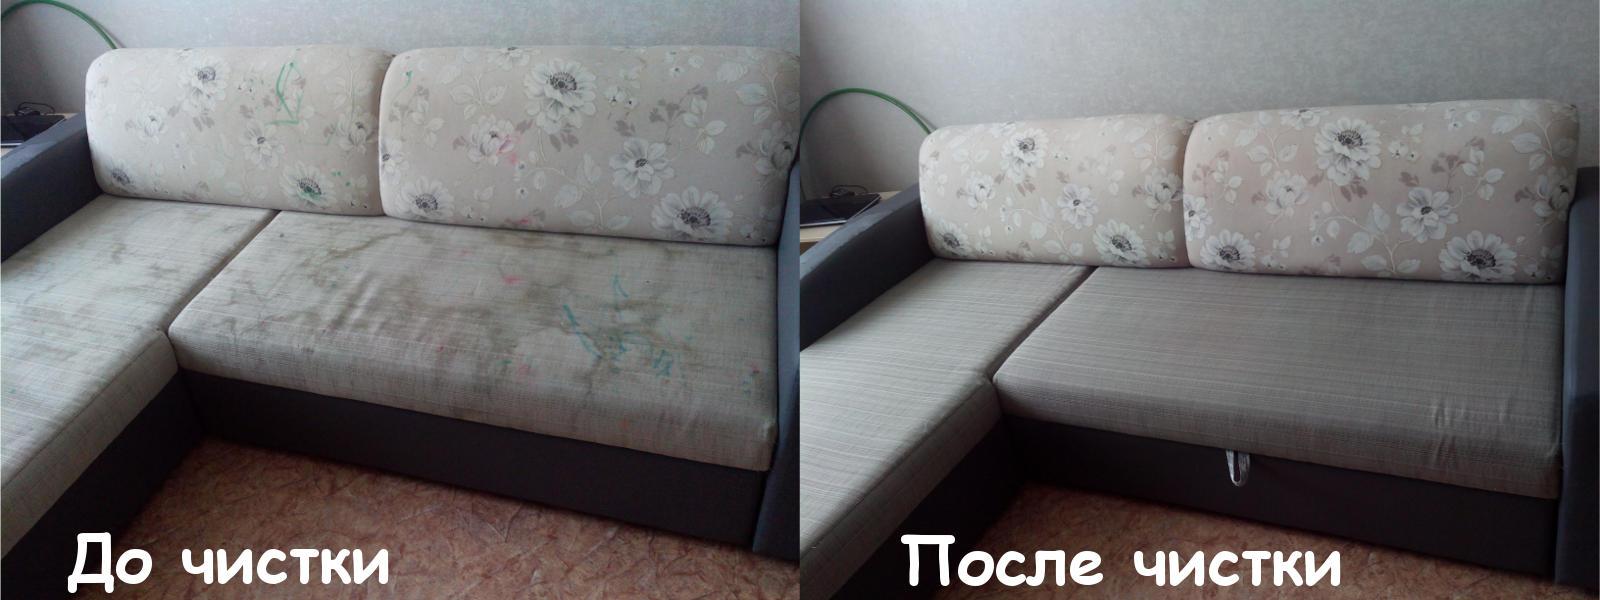 химчистка диванов в киеве